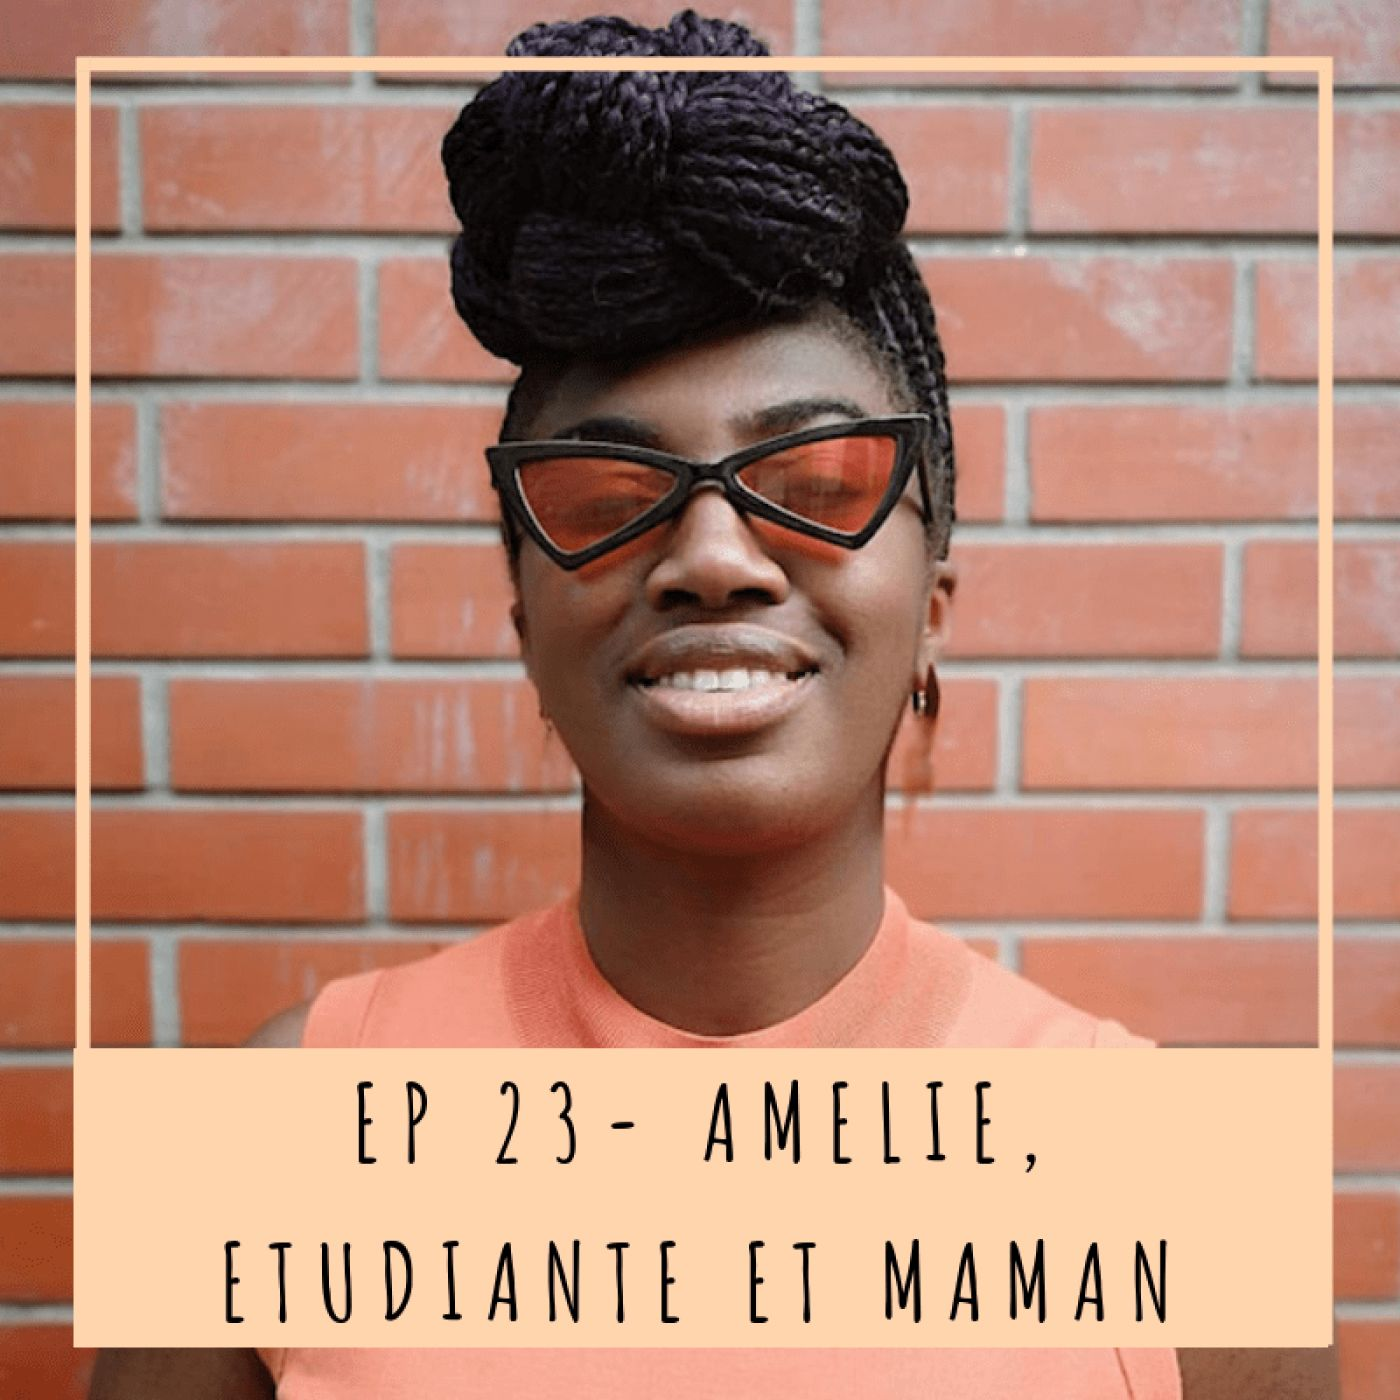 EP23 - AMÉLIE, ÉTUDIANTE ET MAMAN